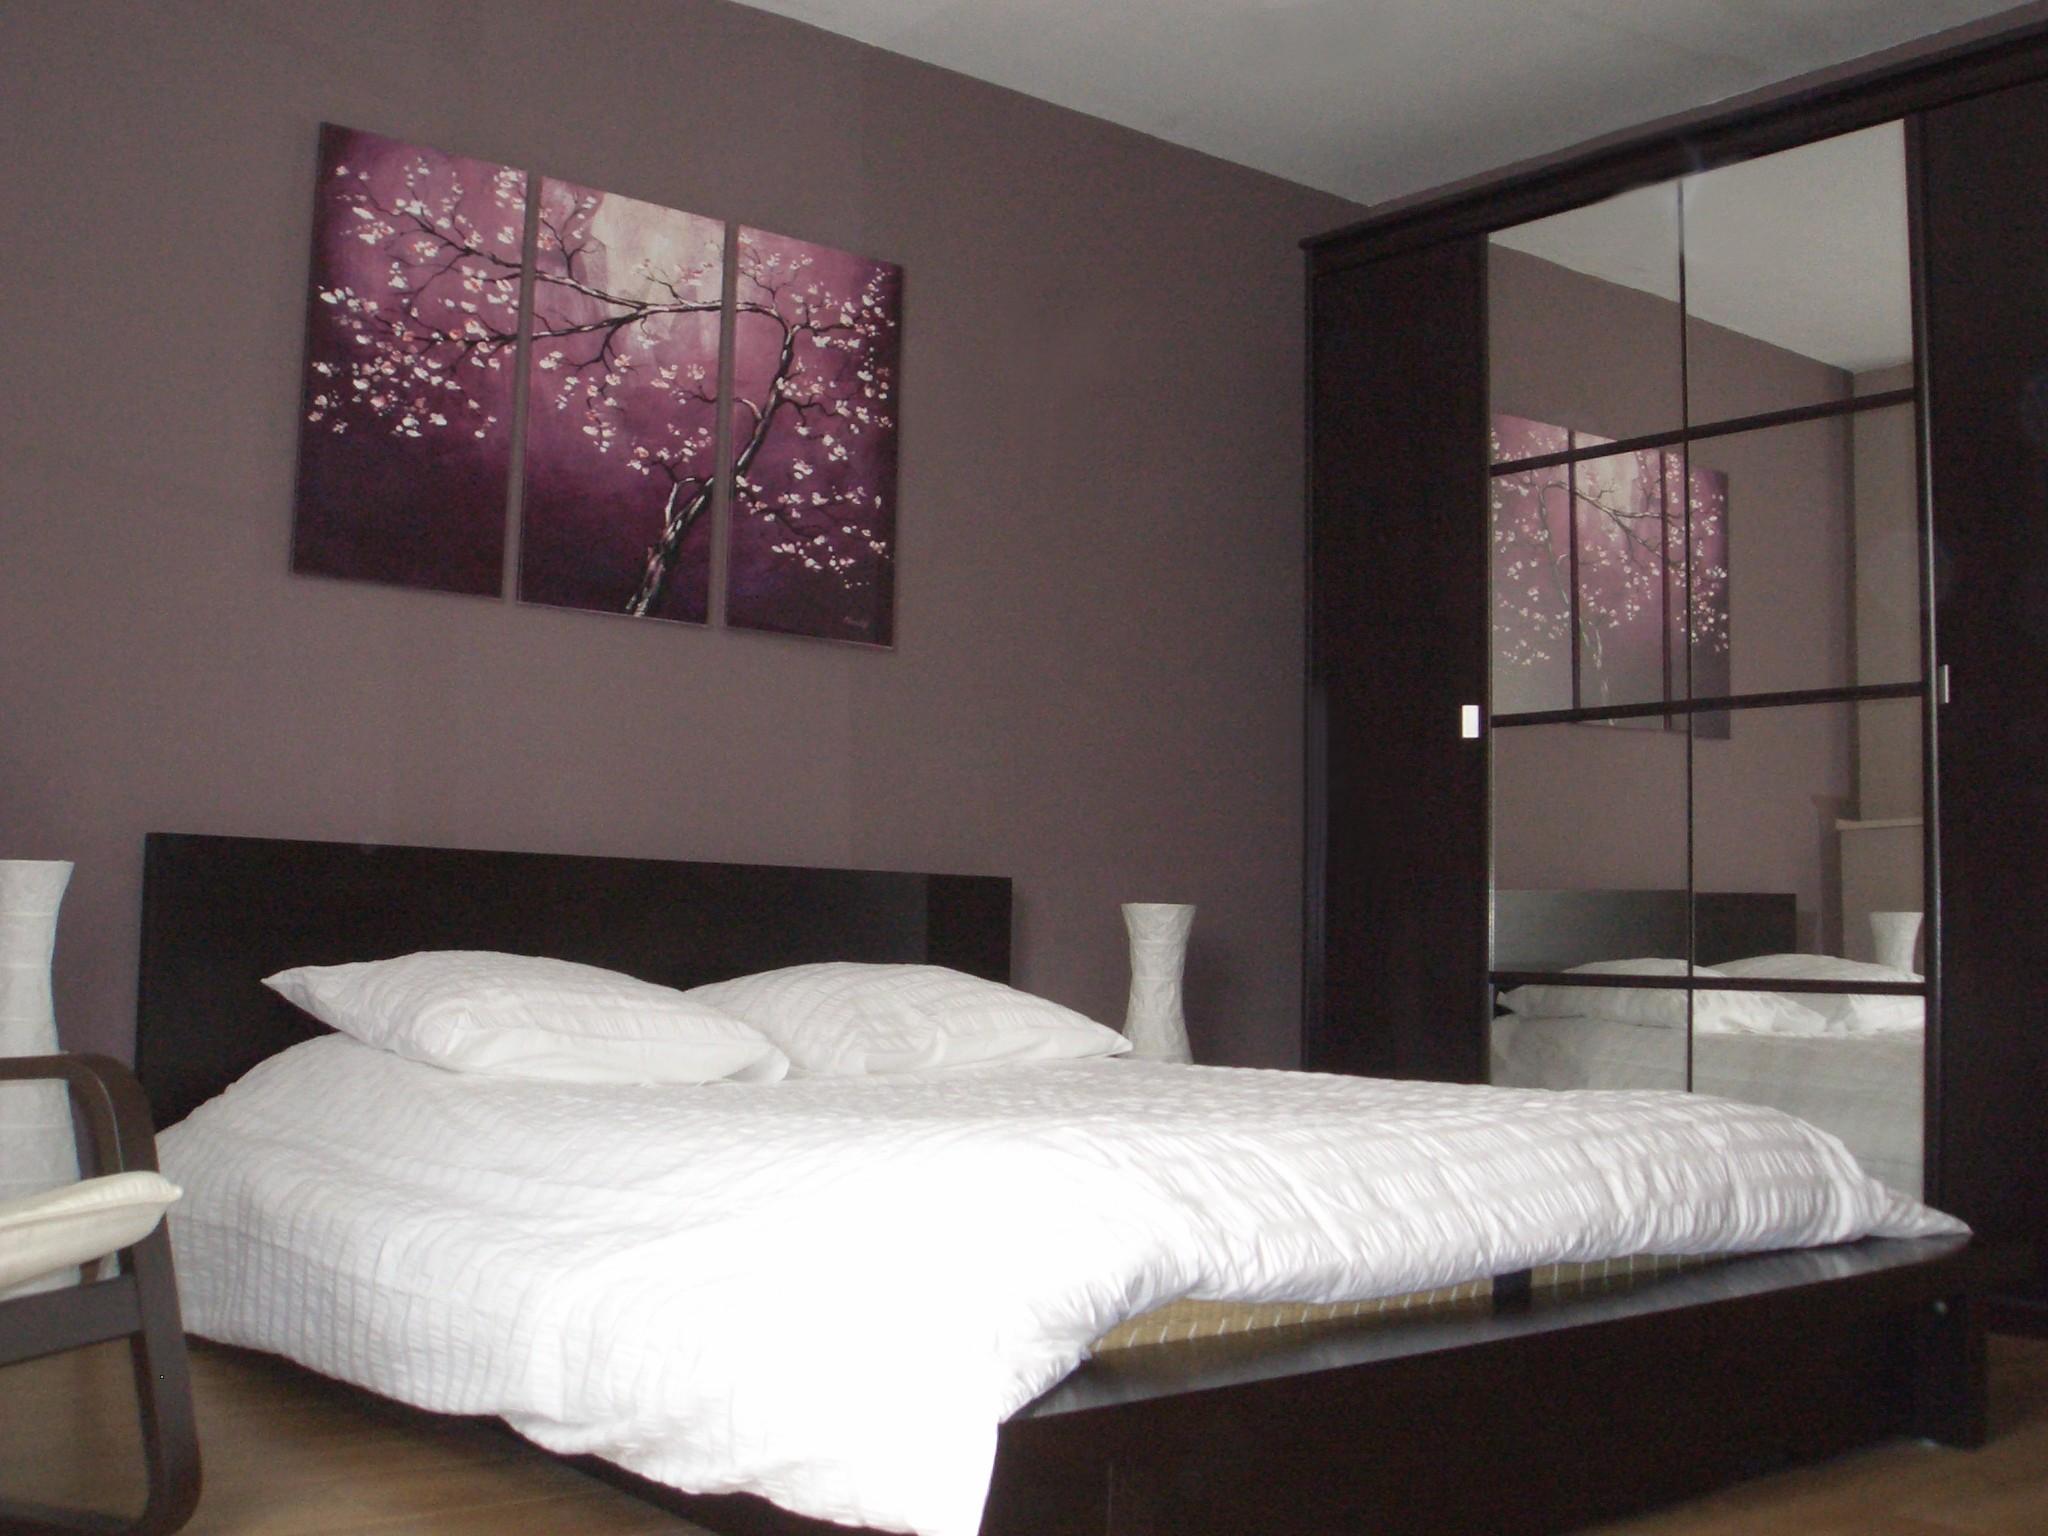 Les couleurs id ales d un mur pour une chambre deco in - Tendance chambre ...